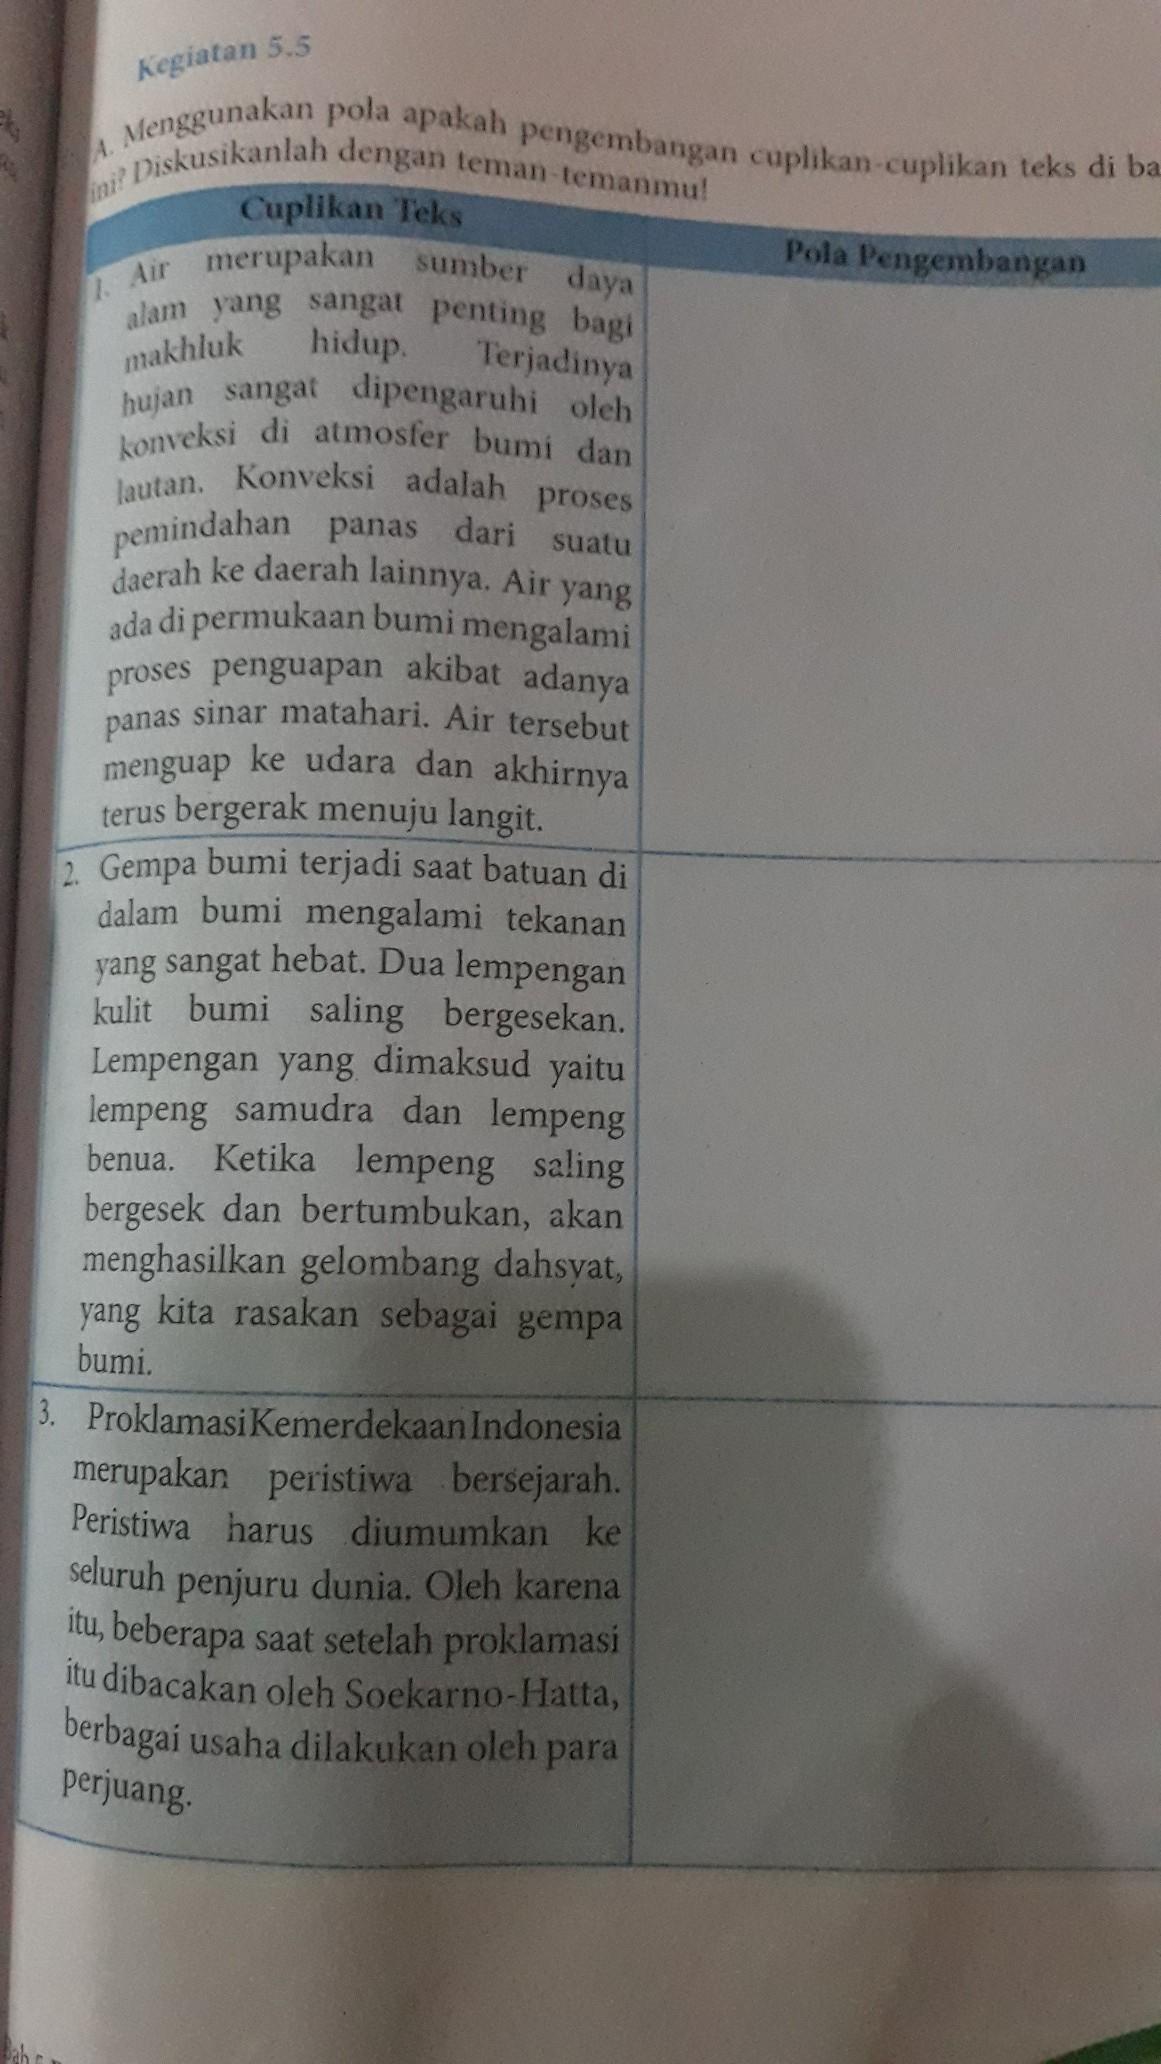 Latihan Soal PAT Bahasa Indonesia SMP Kelas 8 Tahun 2020/2021